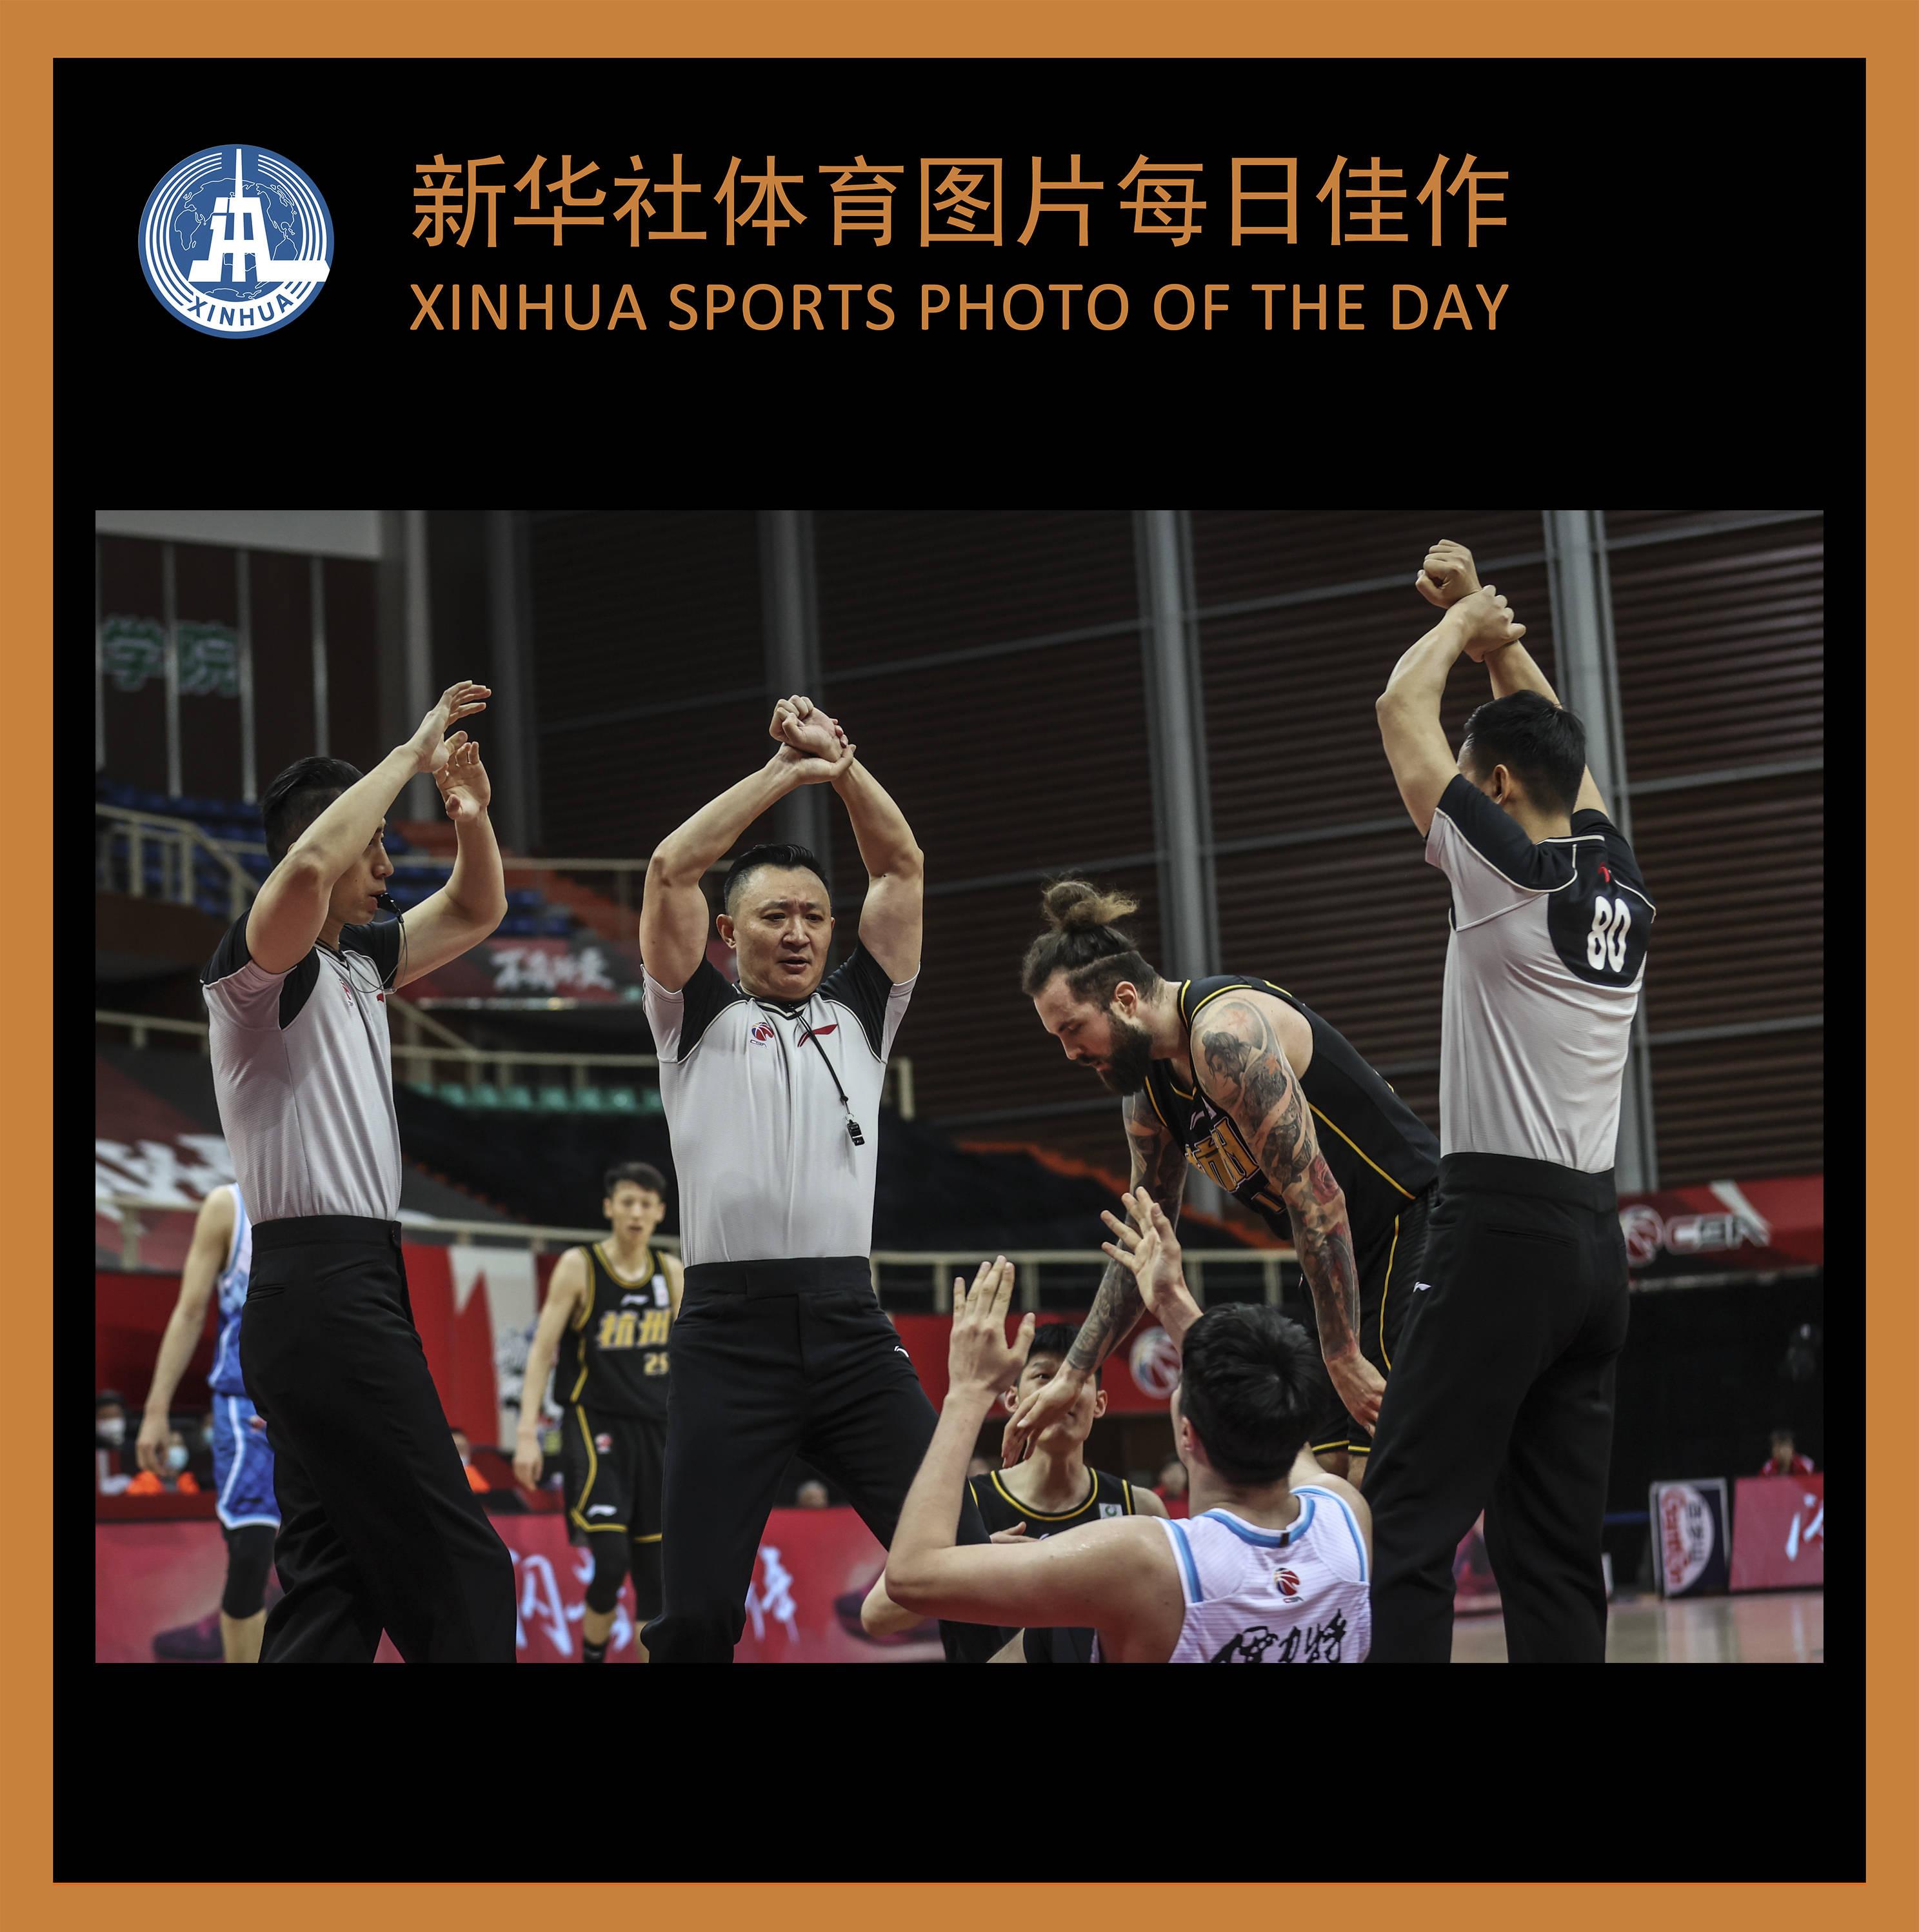 新华通讯社体育图片每天优秀作品